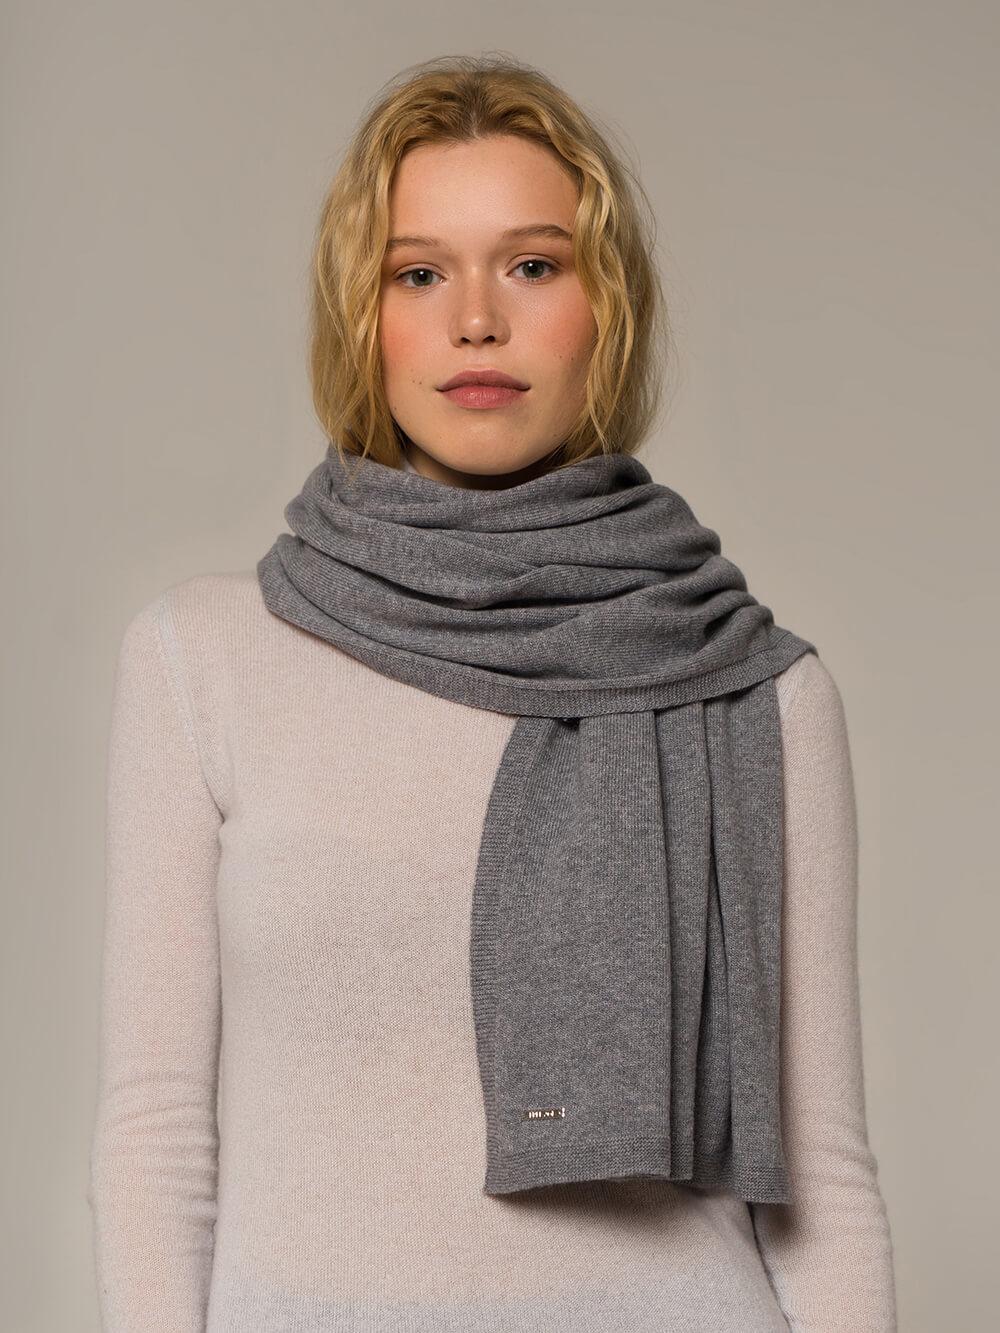 Женский шарф серого цвета - фото 1